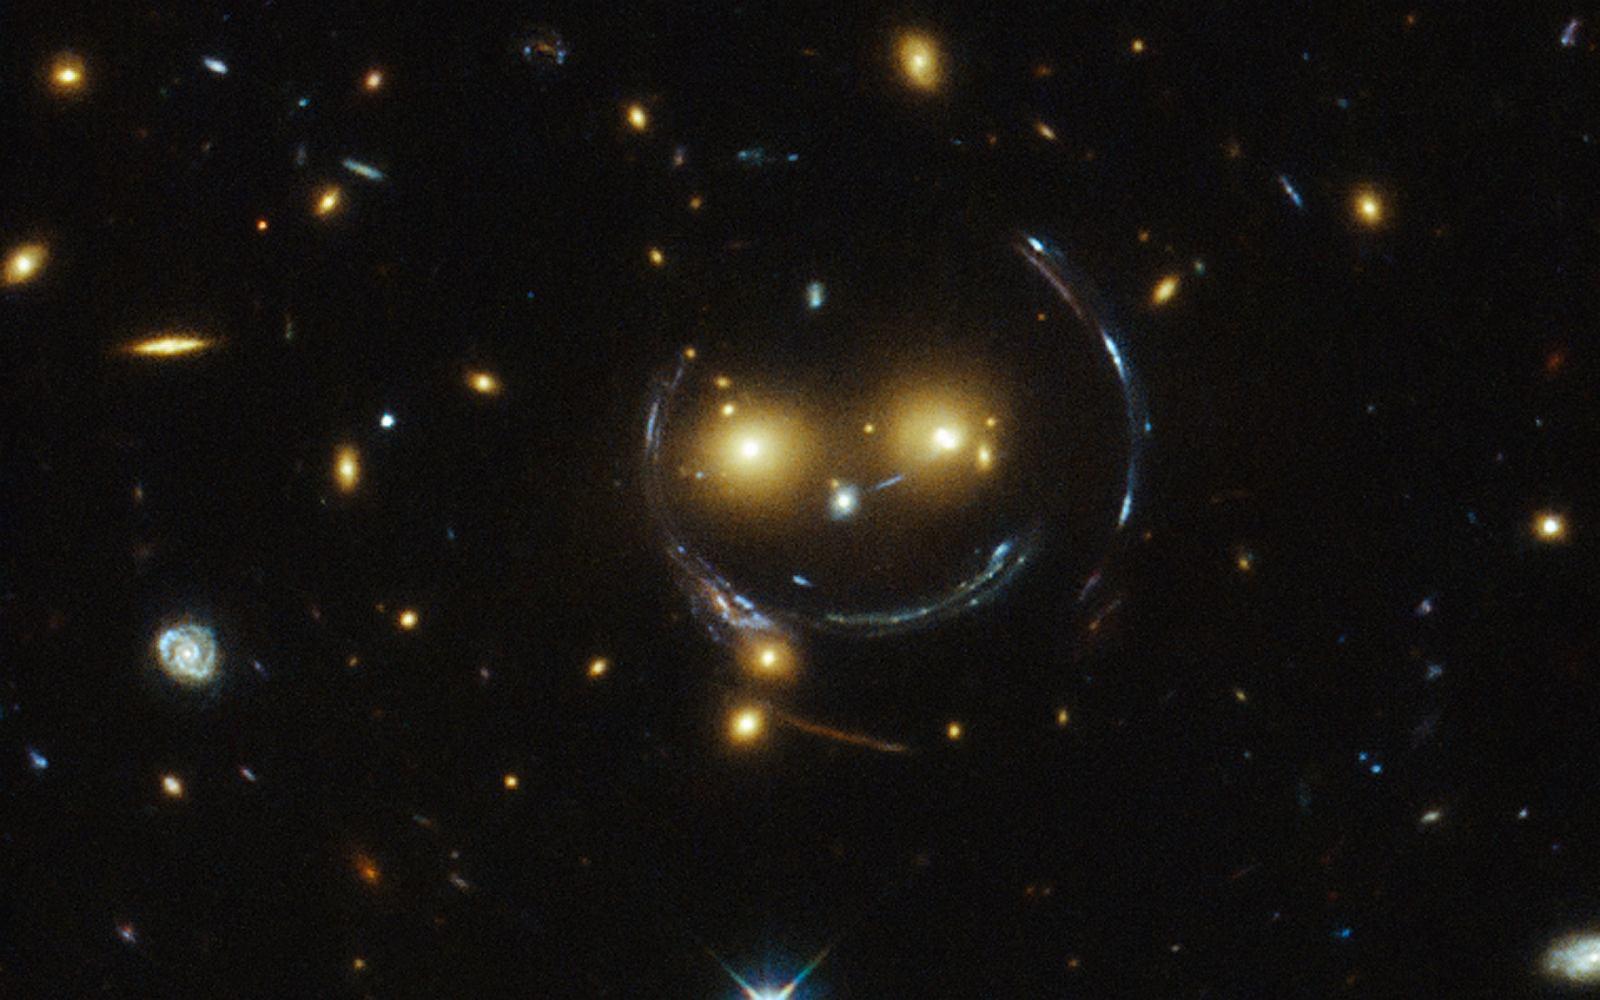 Skoplenie-SDSS-J1038-4849.jpg